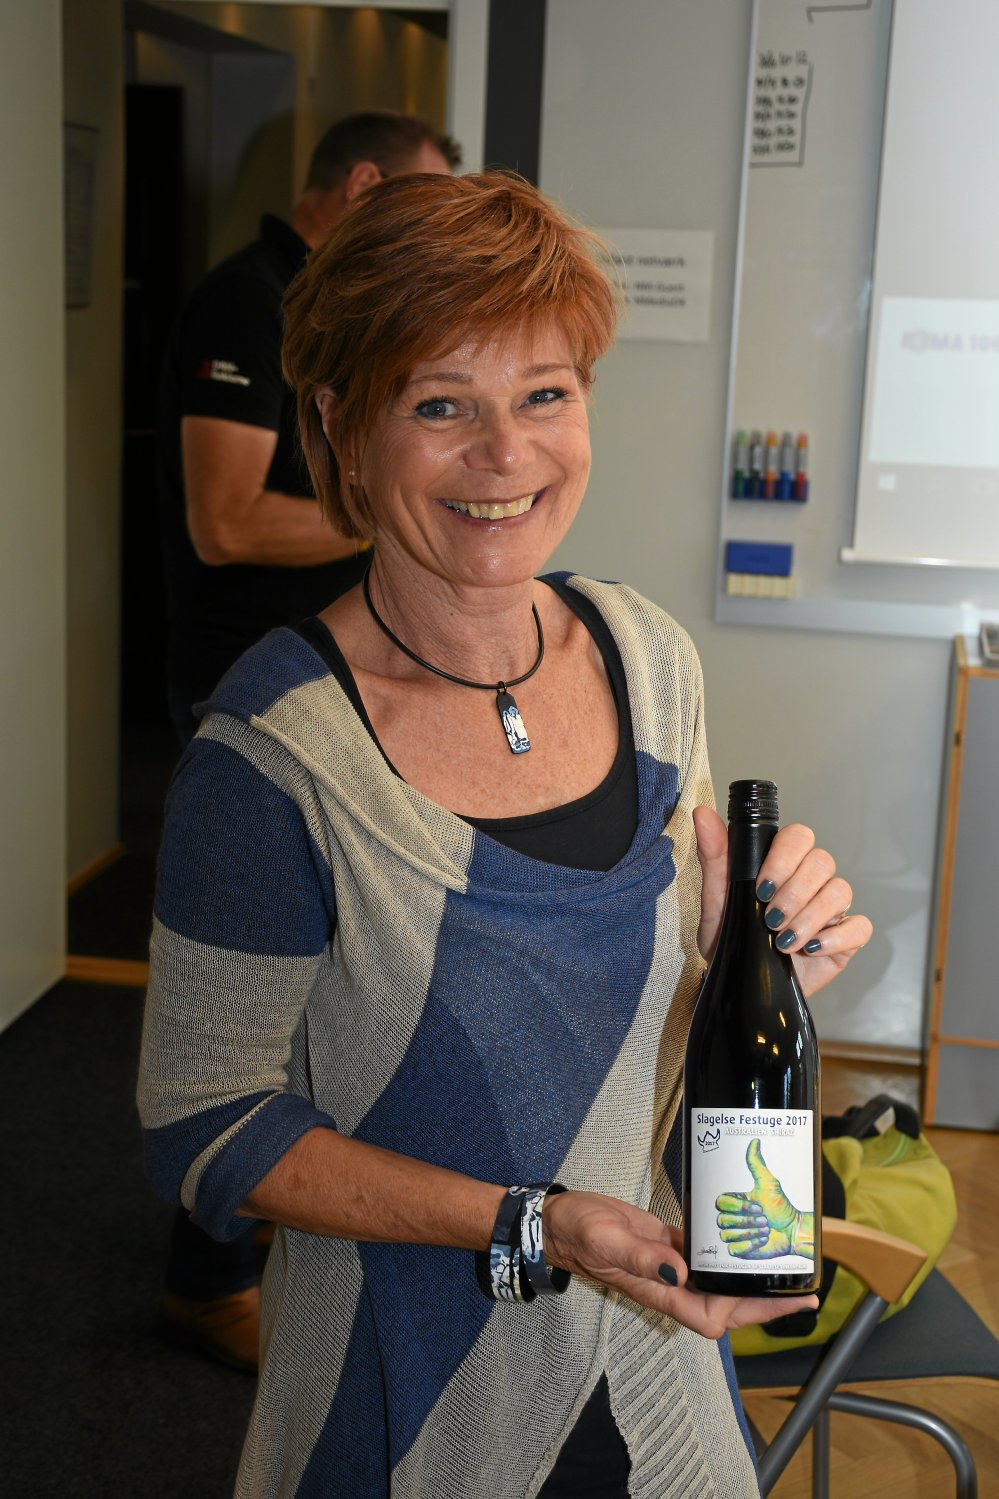 Årets etikette er lavet af den lokale kunstner Estrid Maria Eriksen